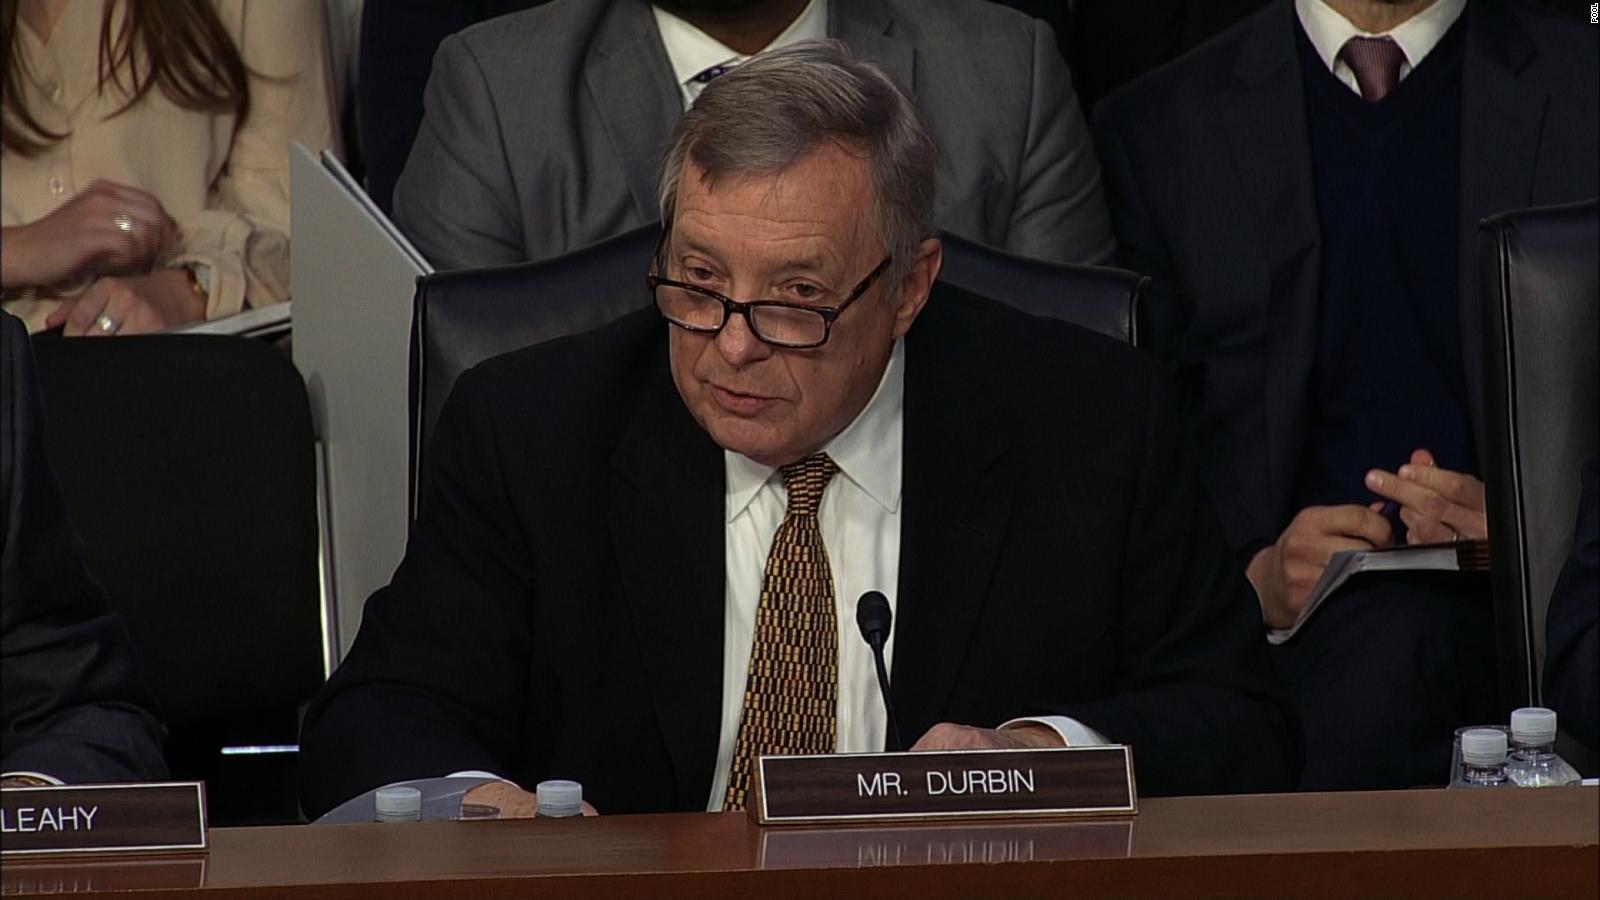 Dick durbin senate